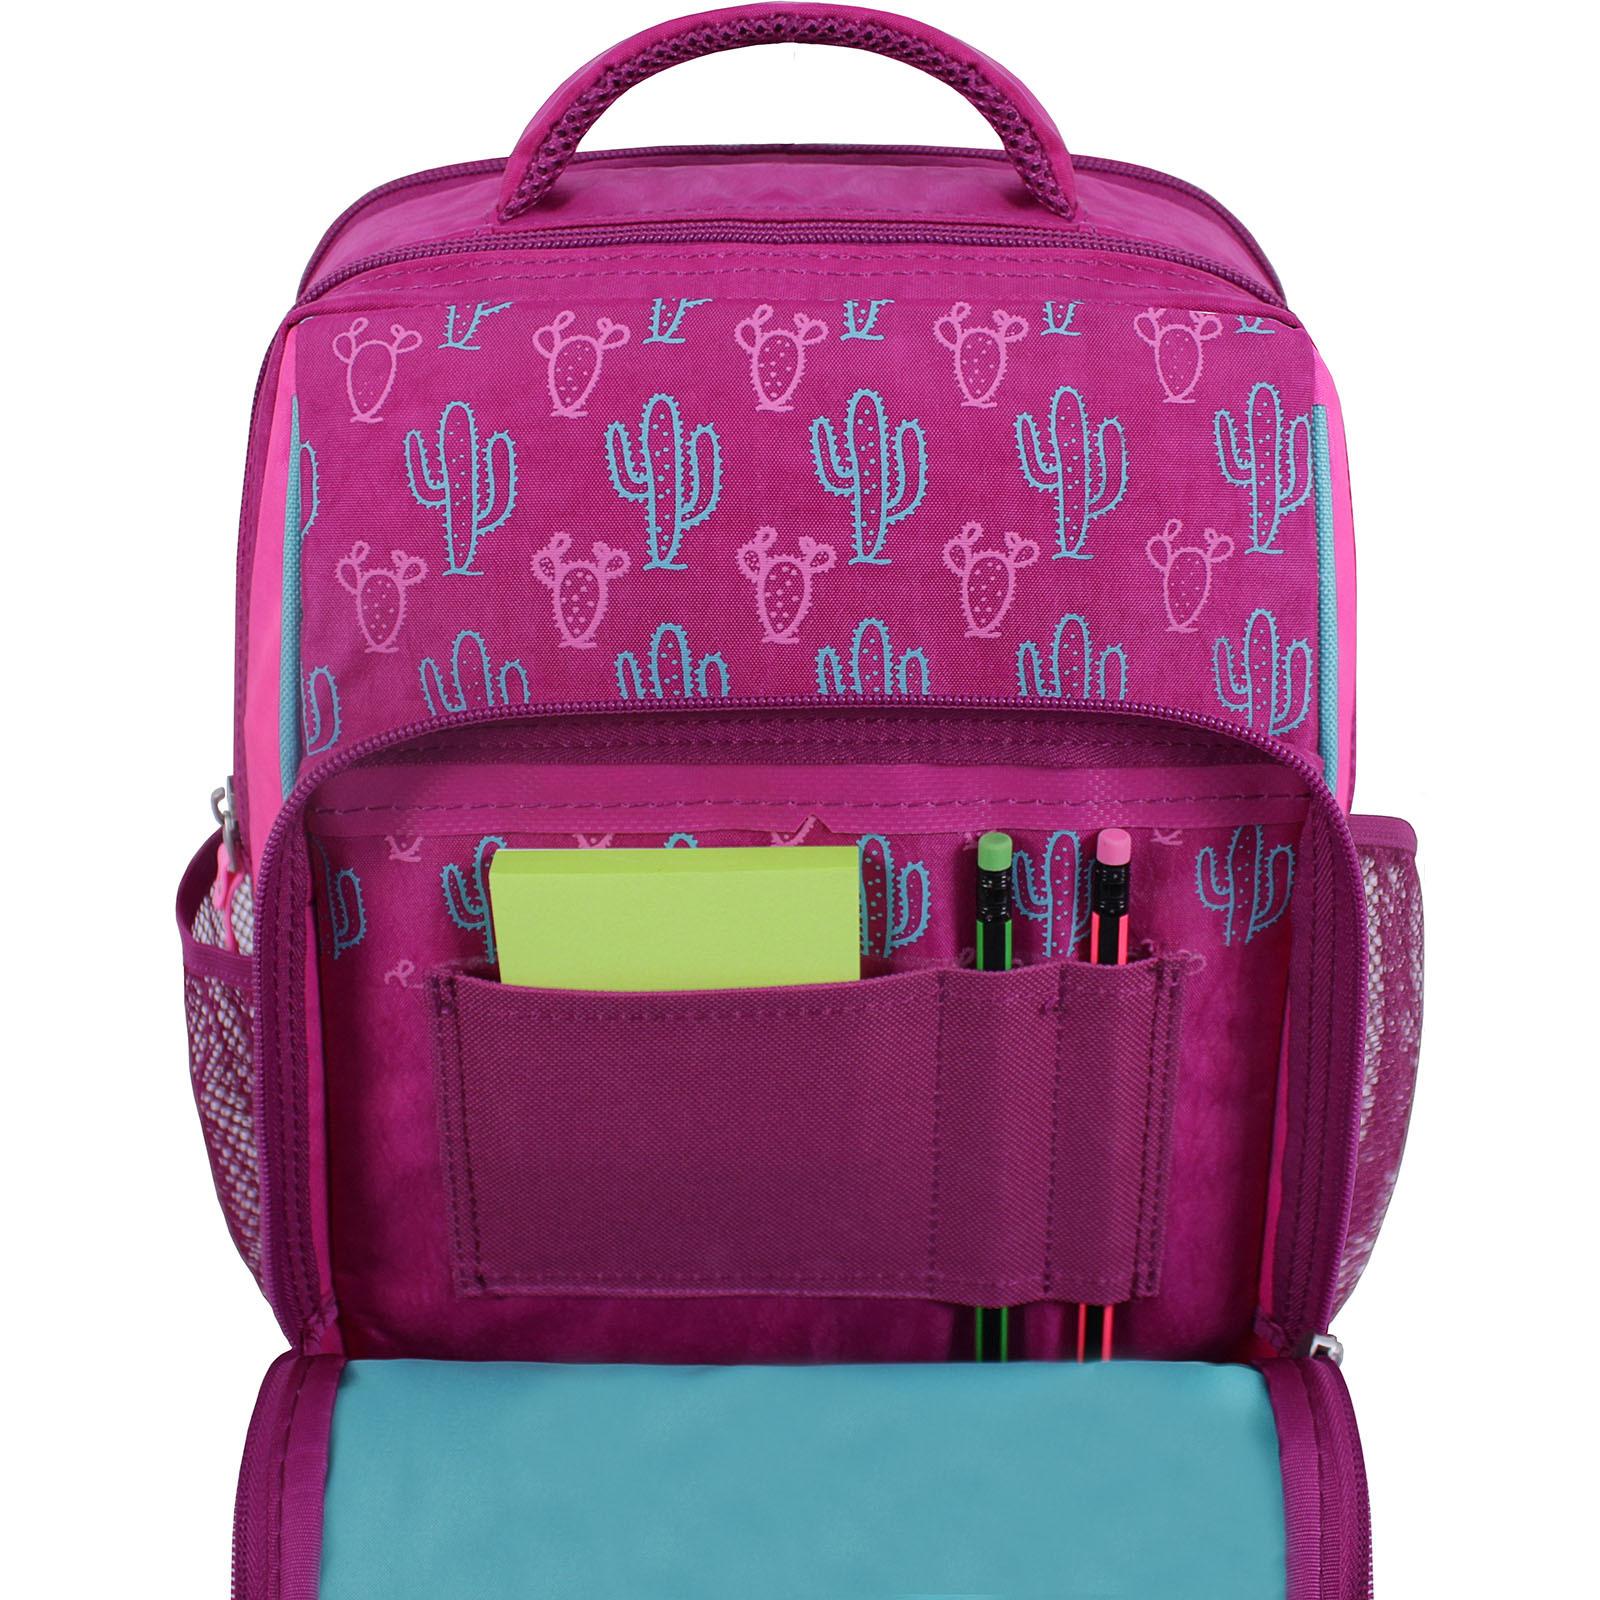 Рюкзак школьный Bagland Школьник 8 л. малиновый 617 (0012870) фото 4